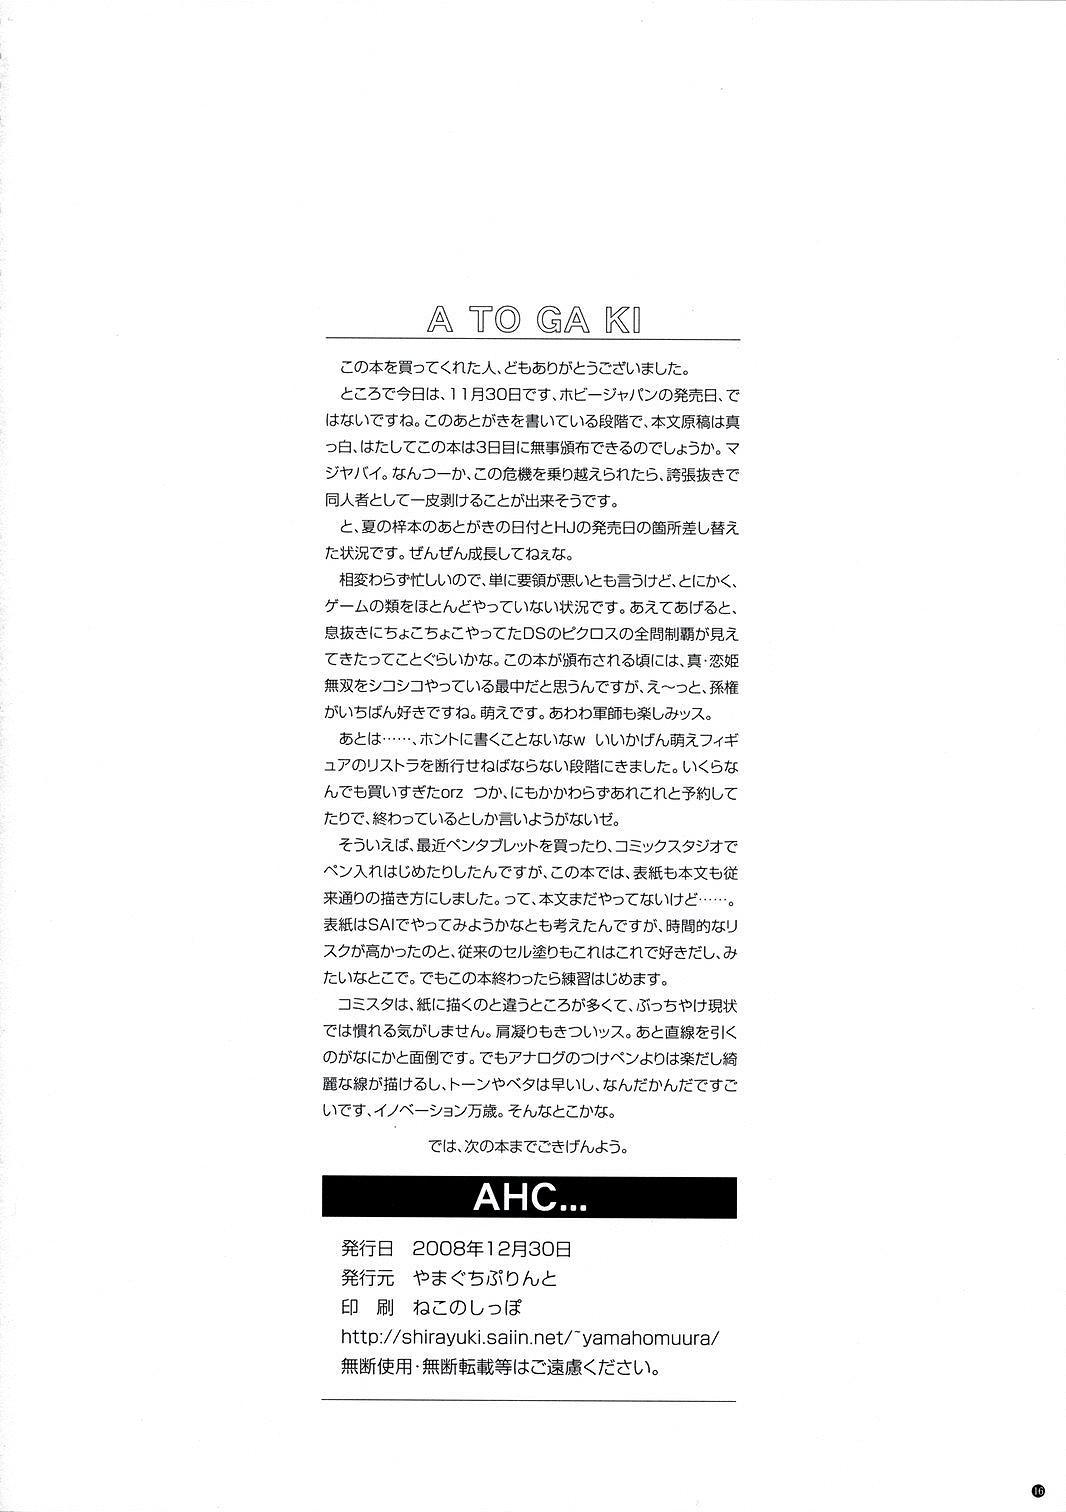 AHC... 17